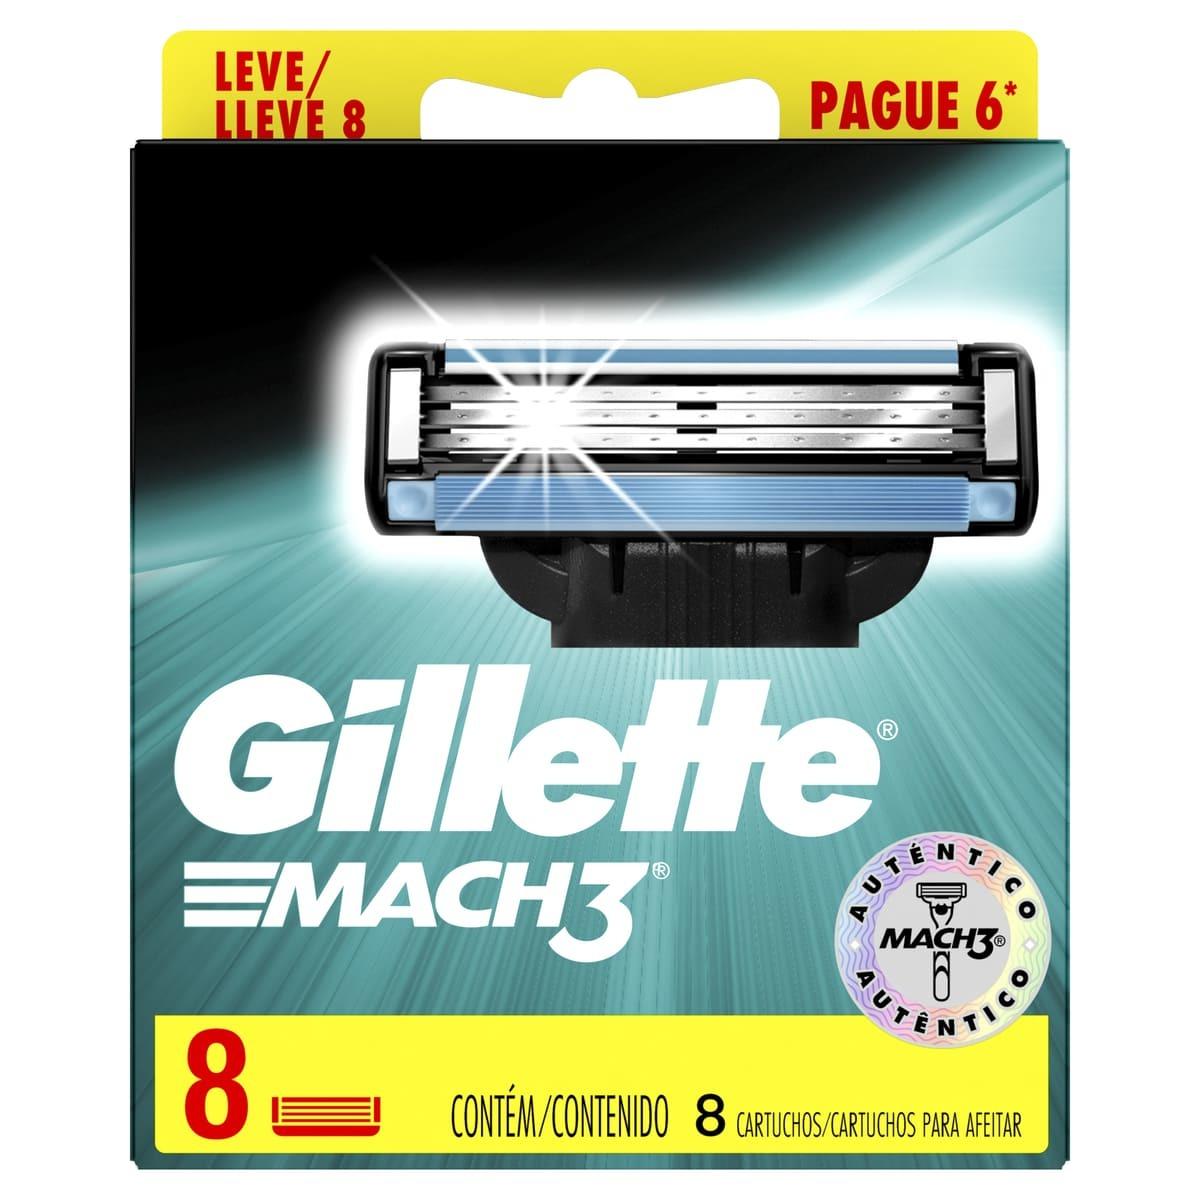 Repuesto Mach3 Gillette x 8und